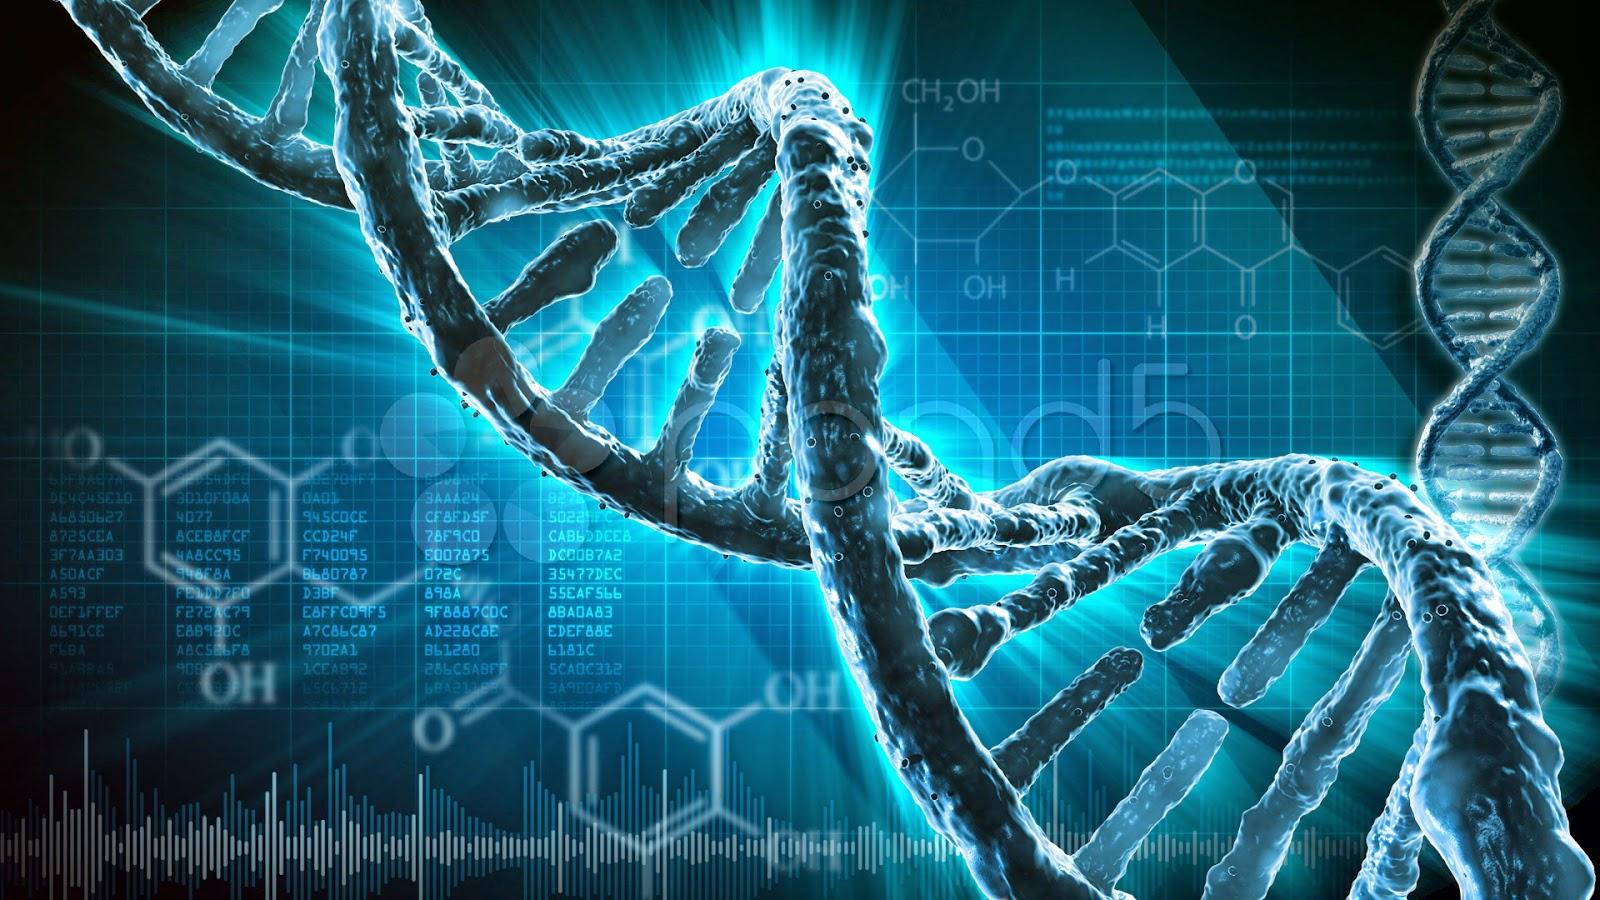 Biologia Humana Wallpaper Nuestra Biología Mediante